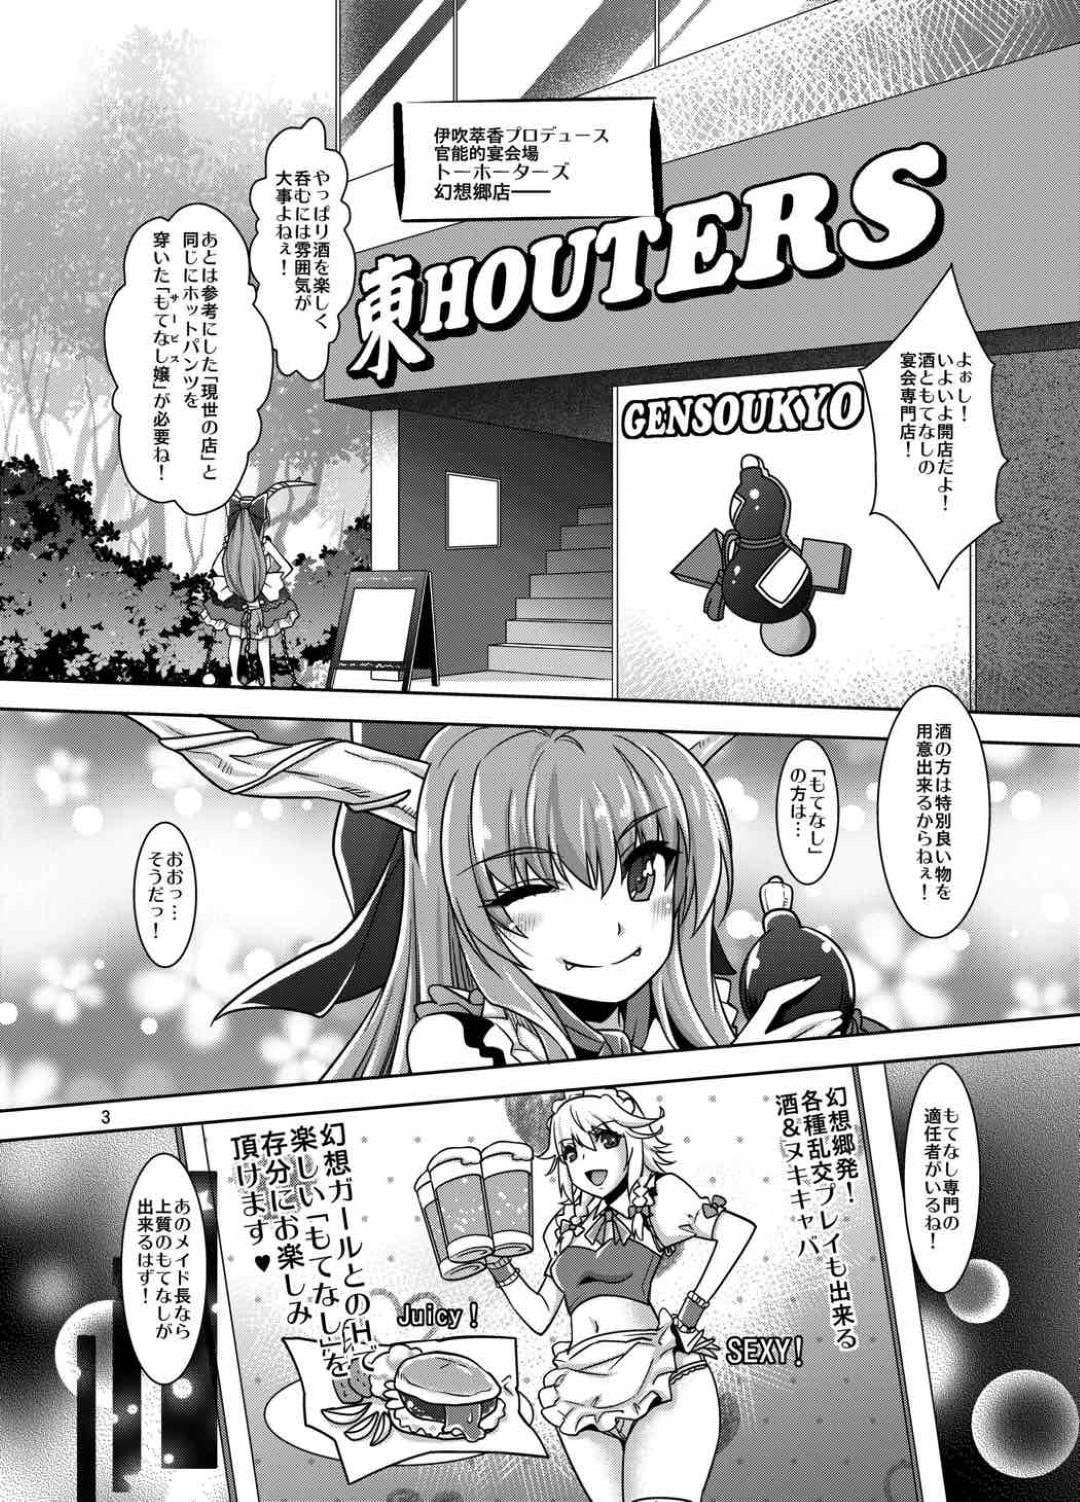 【東方Projectエロ漫画】抜きキャバで咲夜はホットパンツ姿で男達に接客し、生ハメセックスでザーメン大放出させられる【らくじん】